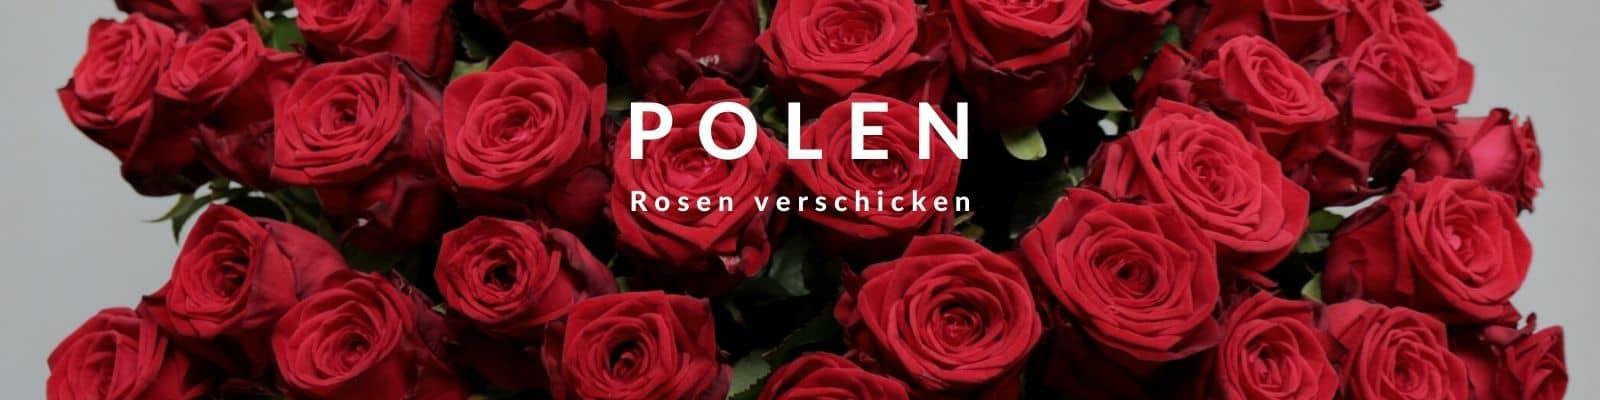 Rosen verschicken Polen - Rosenbote